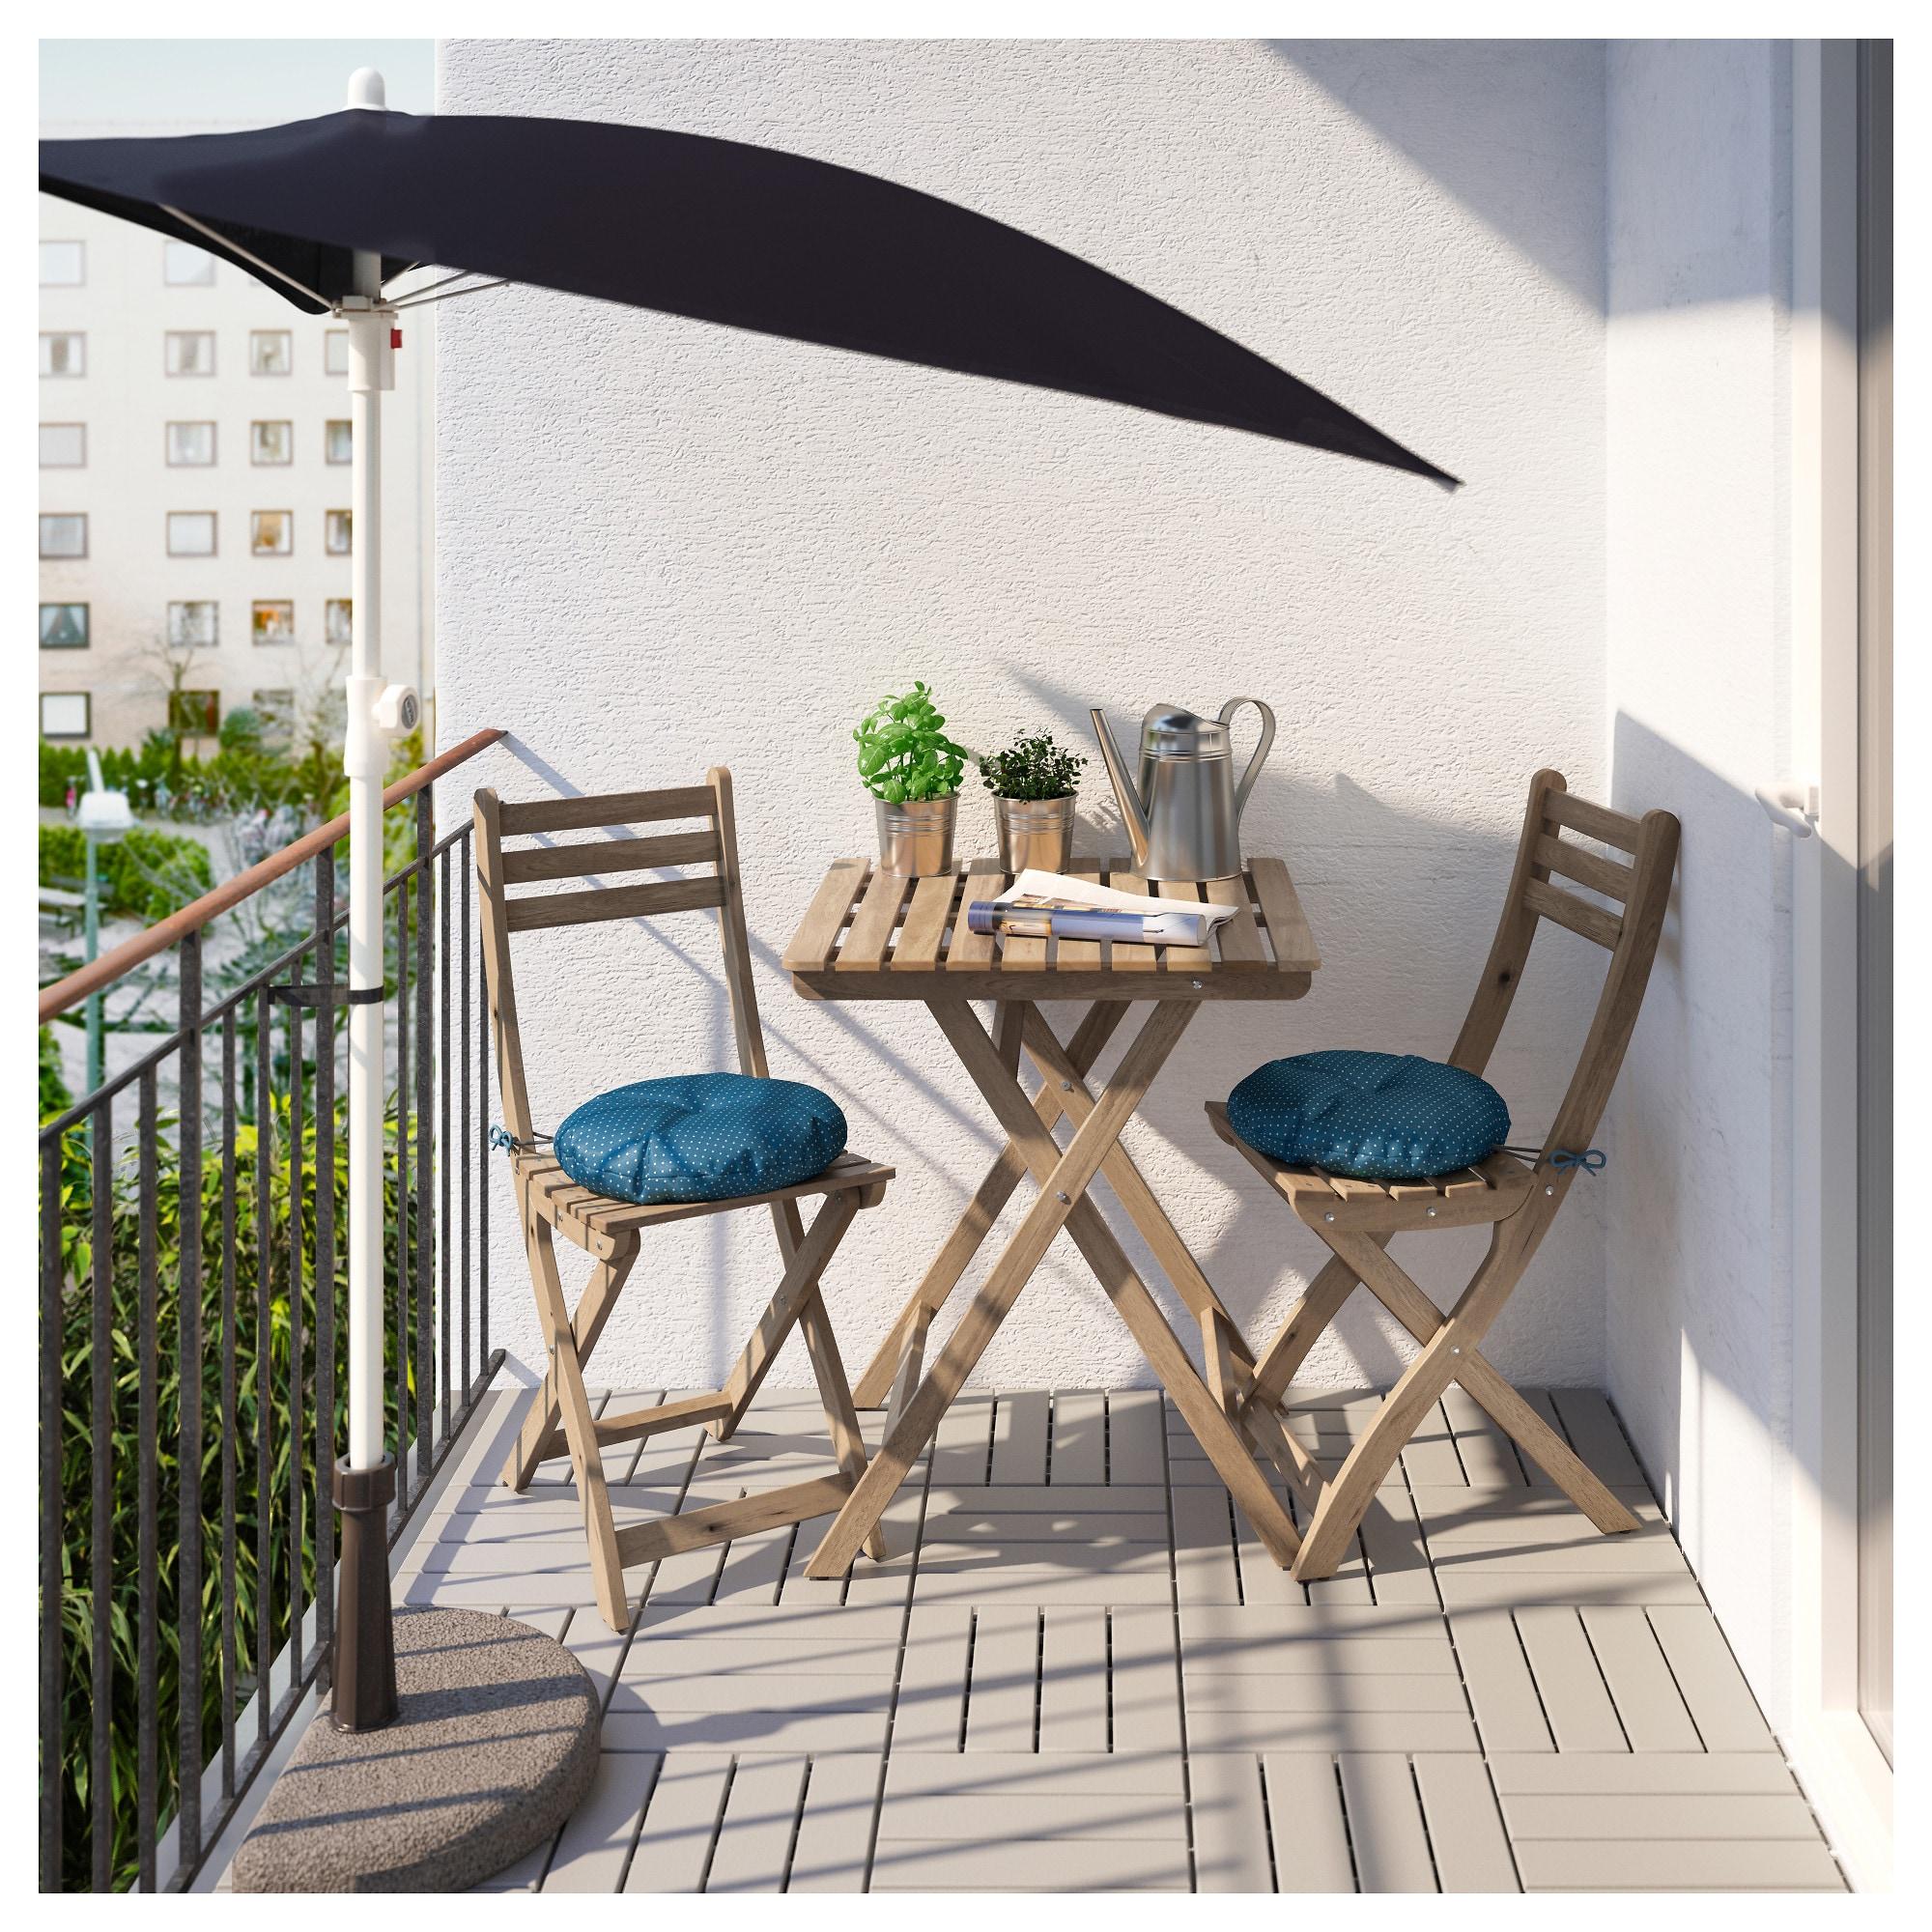 Стол + 2 стула, для сада АСКХОЛЬМЕН синий артикуль № 992.288.86 в наличии. Интернет каталог ИКЕА Минск. Быстрая доставка и монтаж.